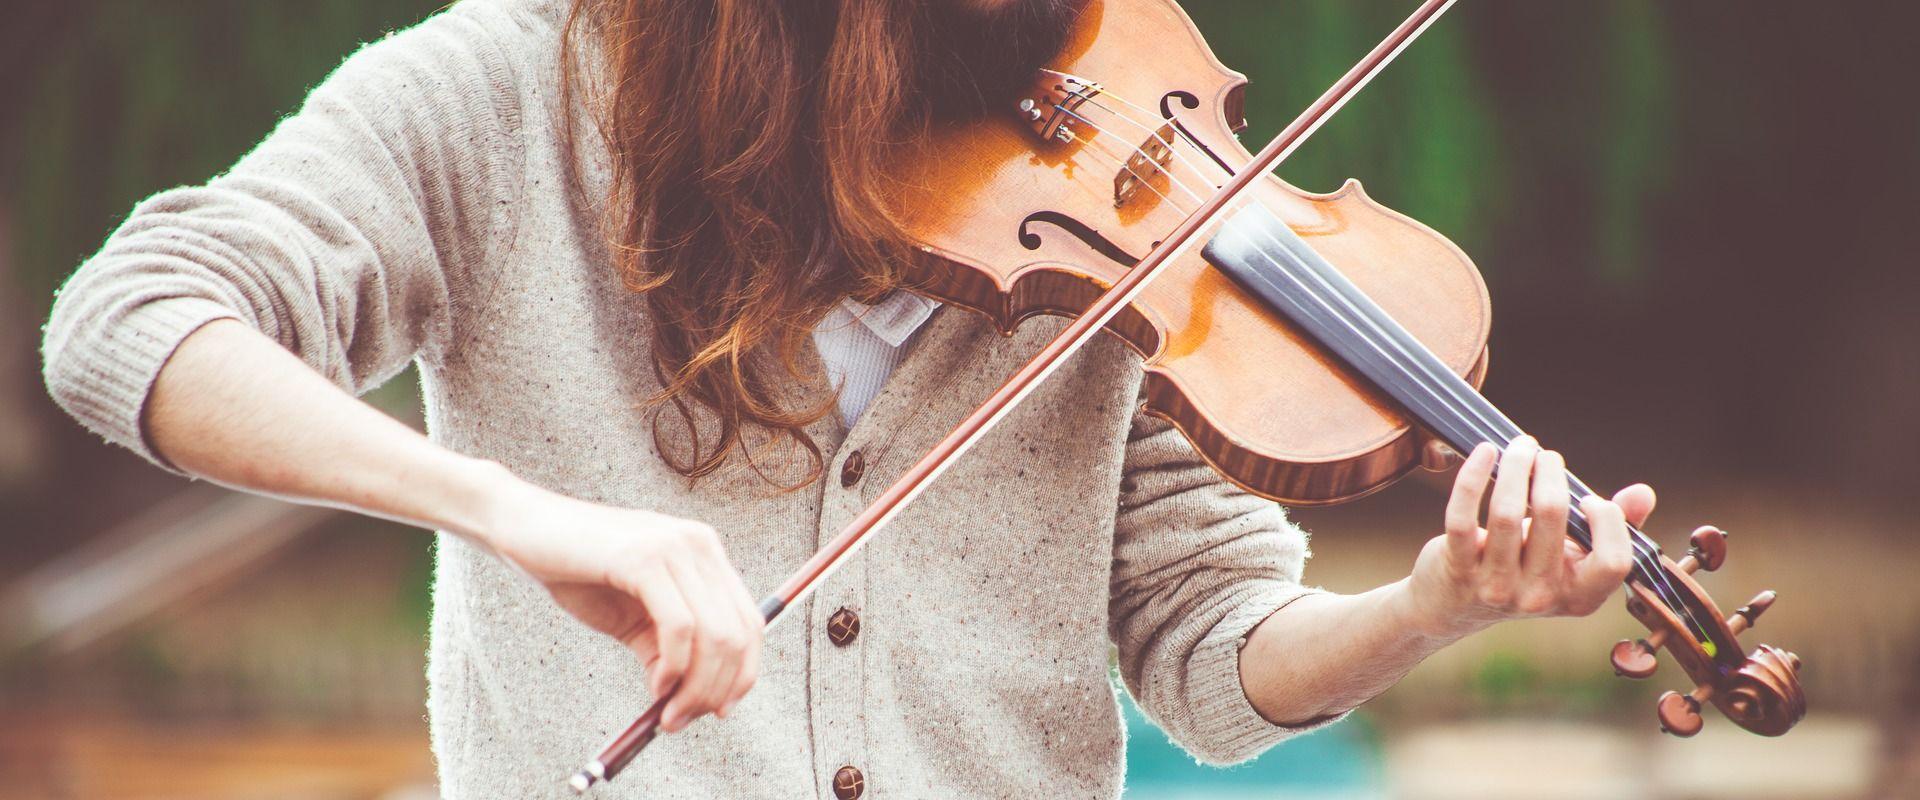 Titelbild des Blogartikels Ist Geige spielen wirklich so schwierig? Alles was Anfänger wissen müssen